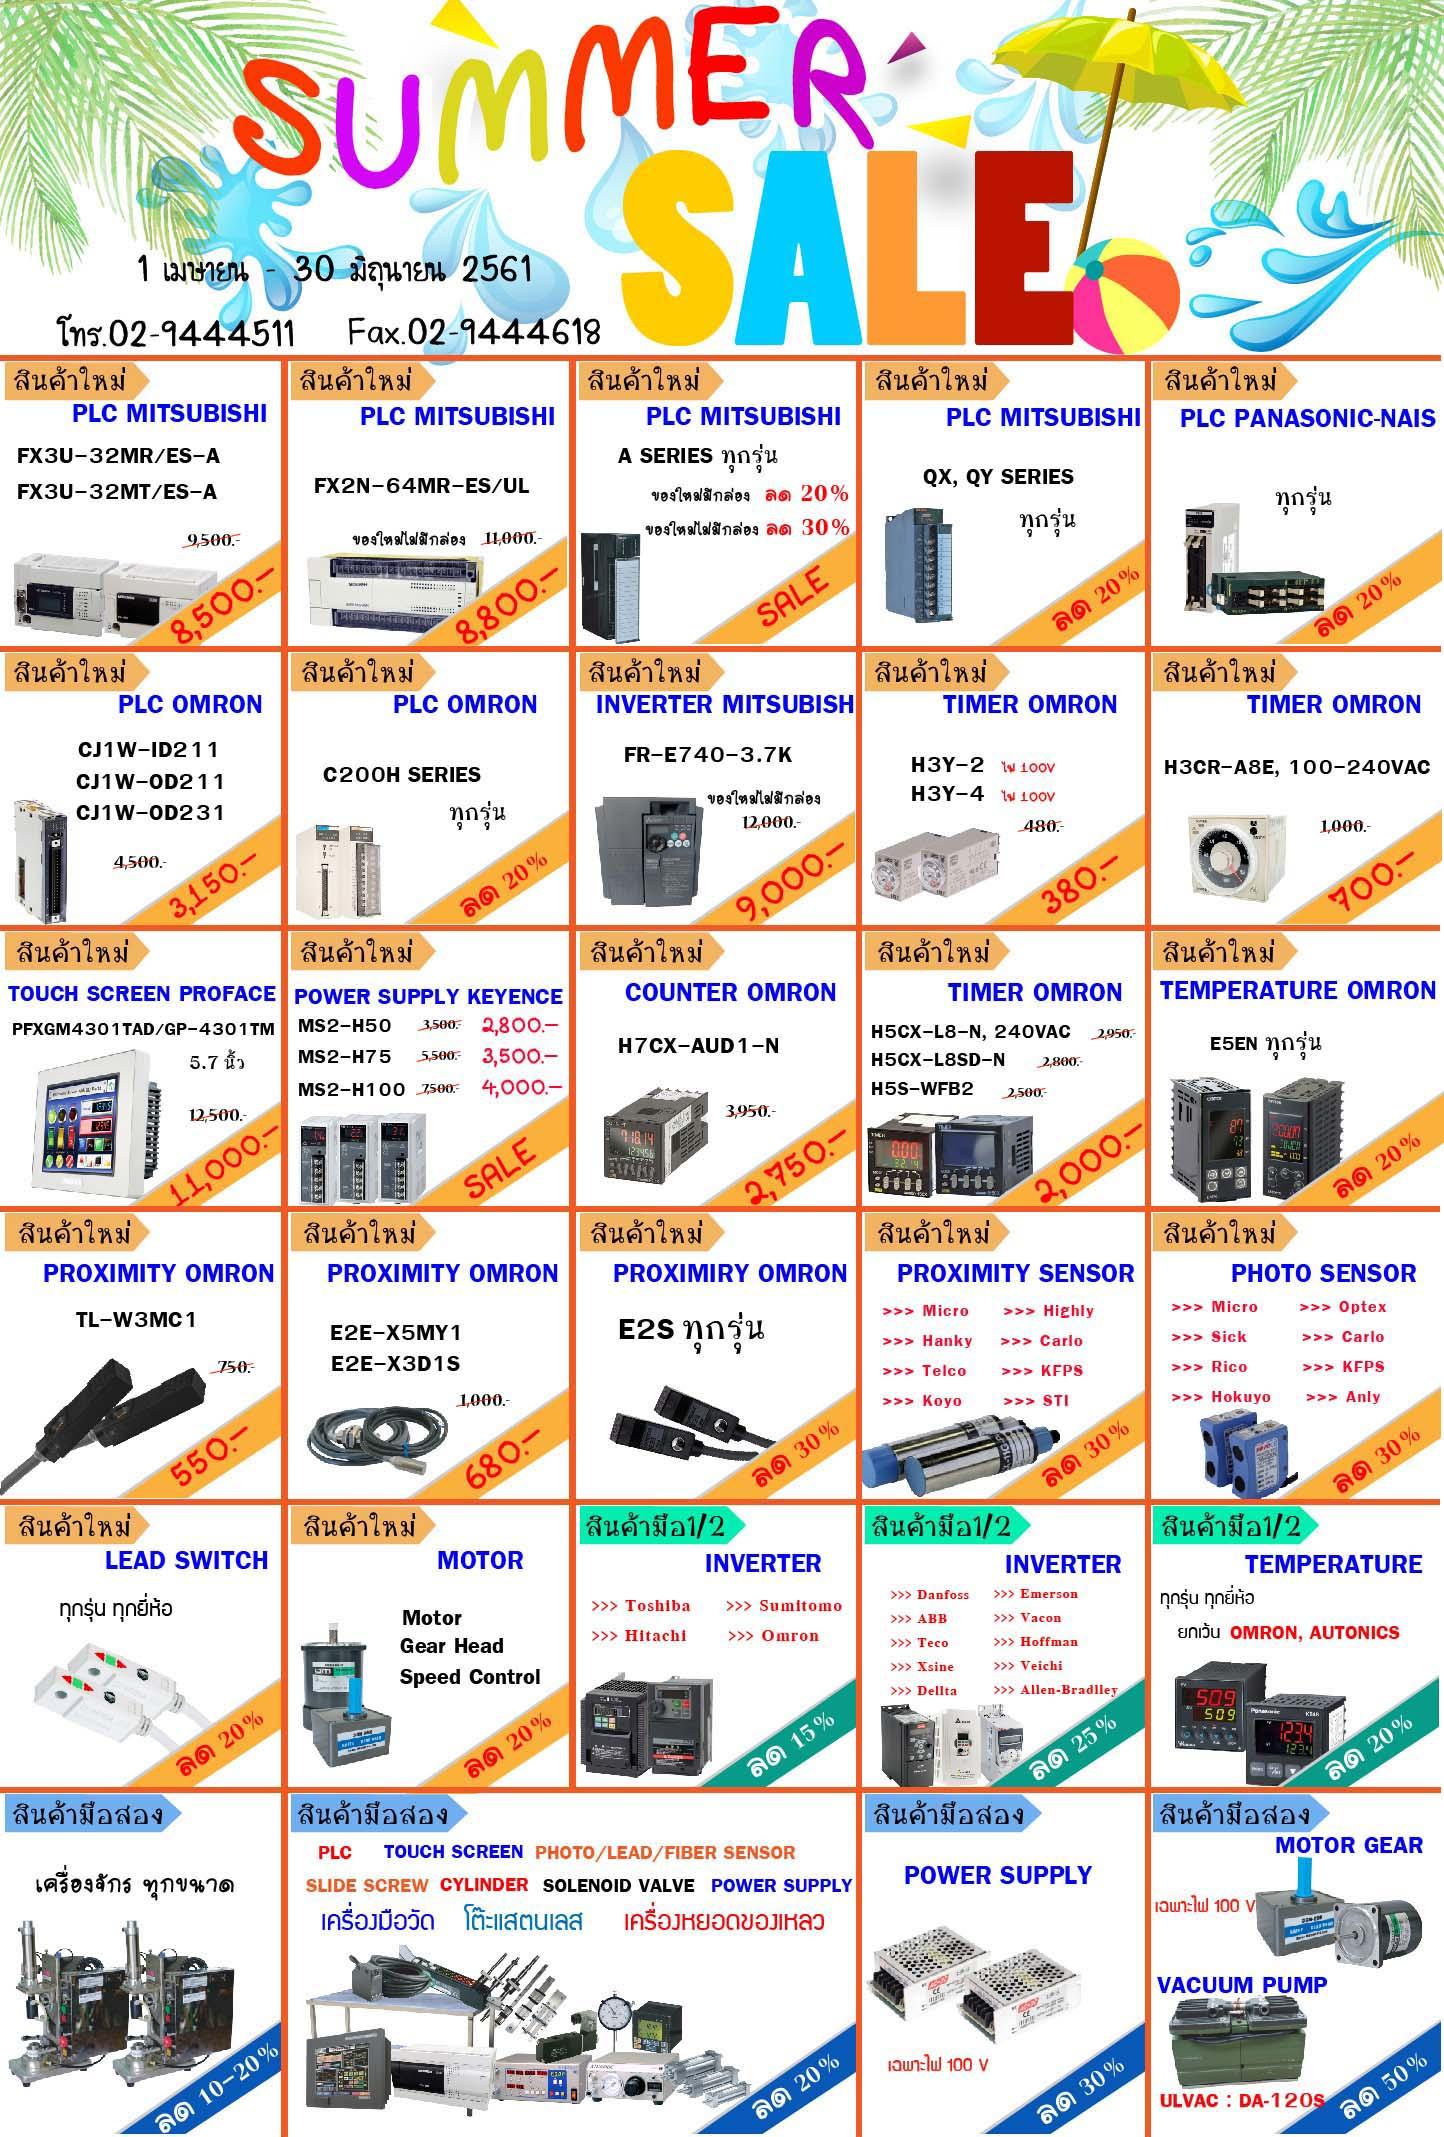 ซื้อ- ขายplc,inverter fuji,Servo Touch screen  ขายsensor,Mitsubishi omron yaskawa panasonic keyence toshiba fuji มือสอง,ขายอะไหล่เครื่องจักรมือสอง